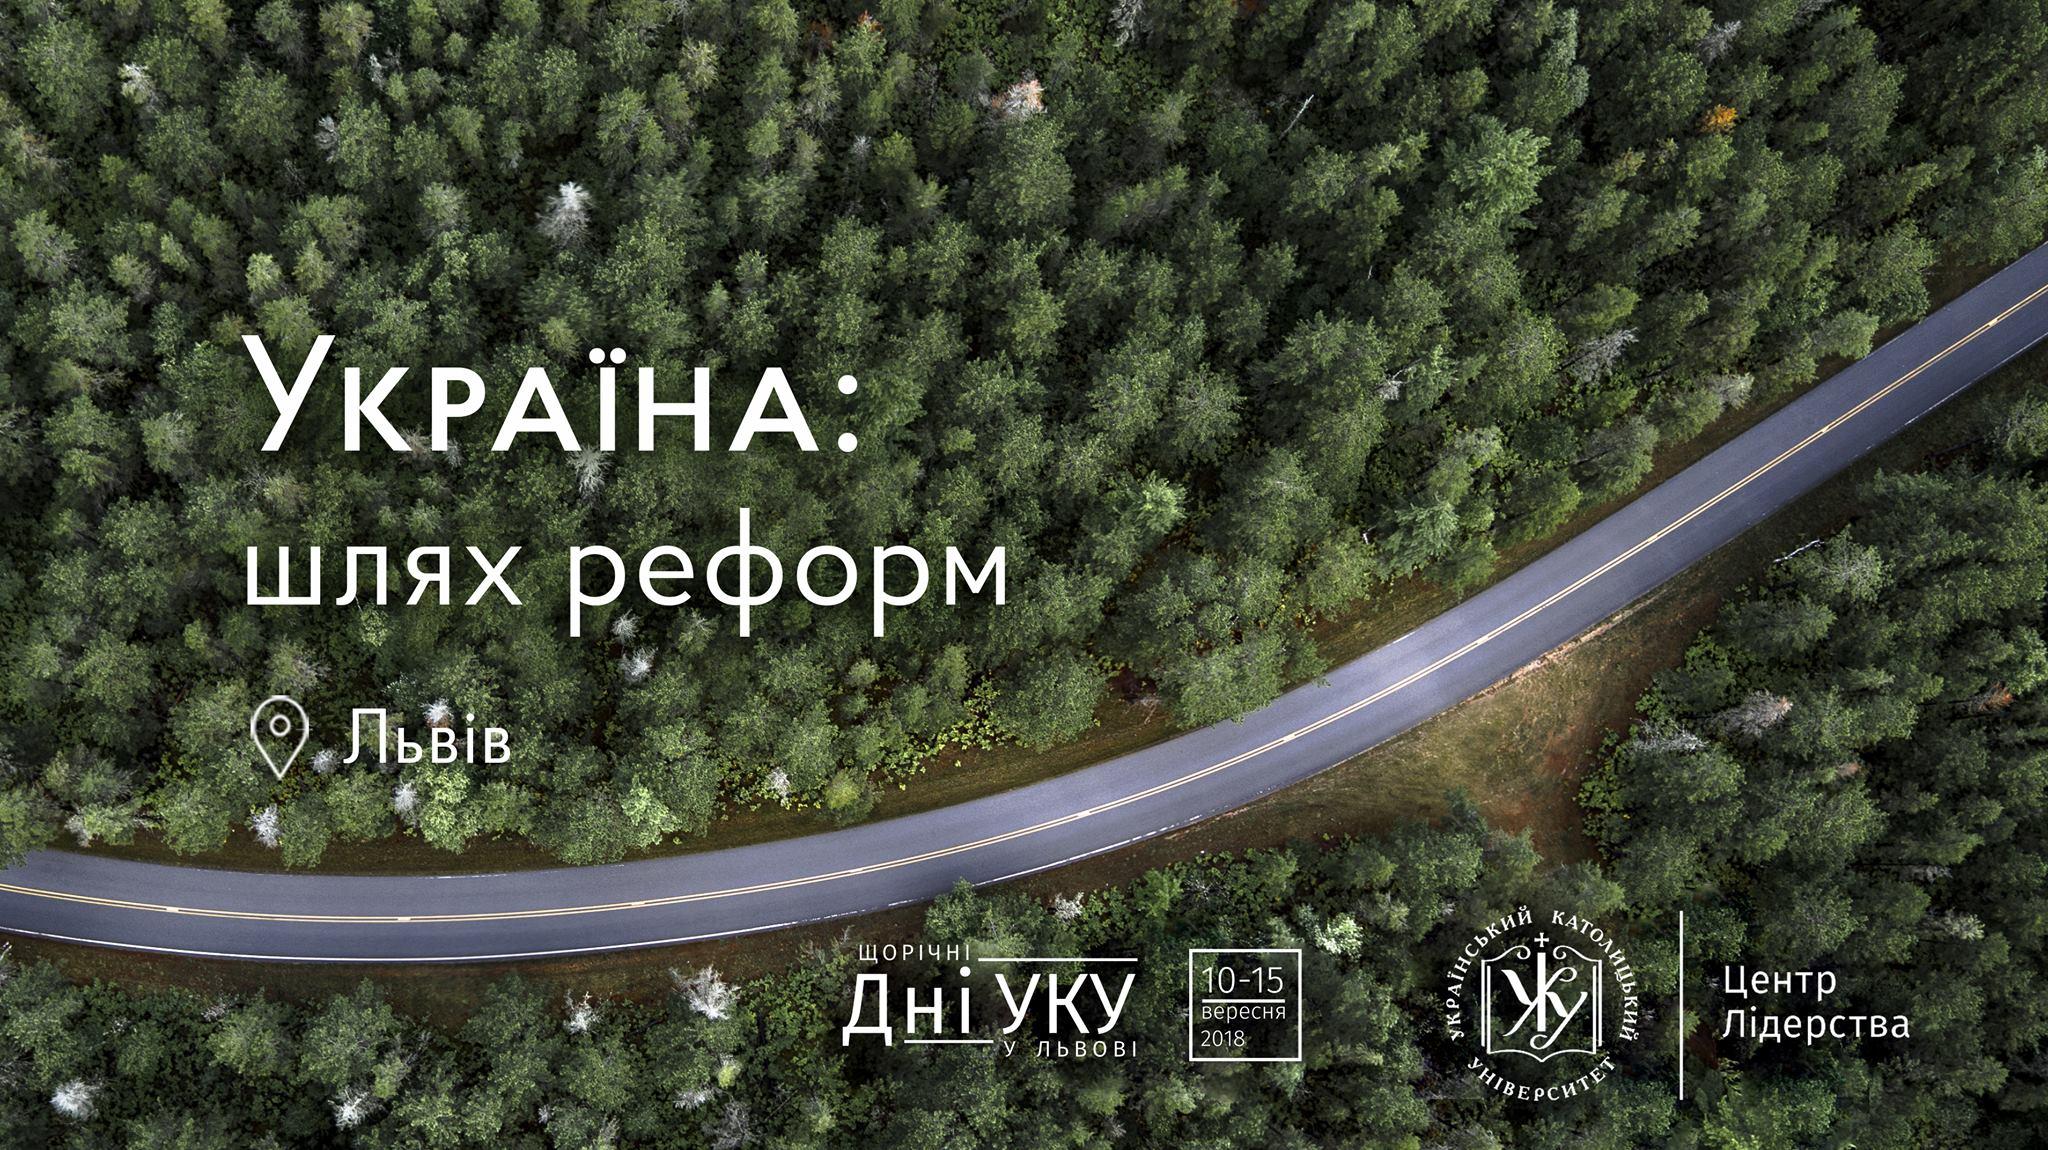 Шлях реформ: чому все не так просто в Україні? (Львів)